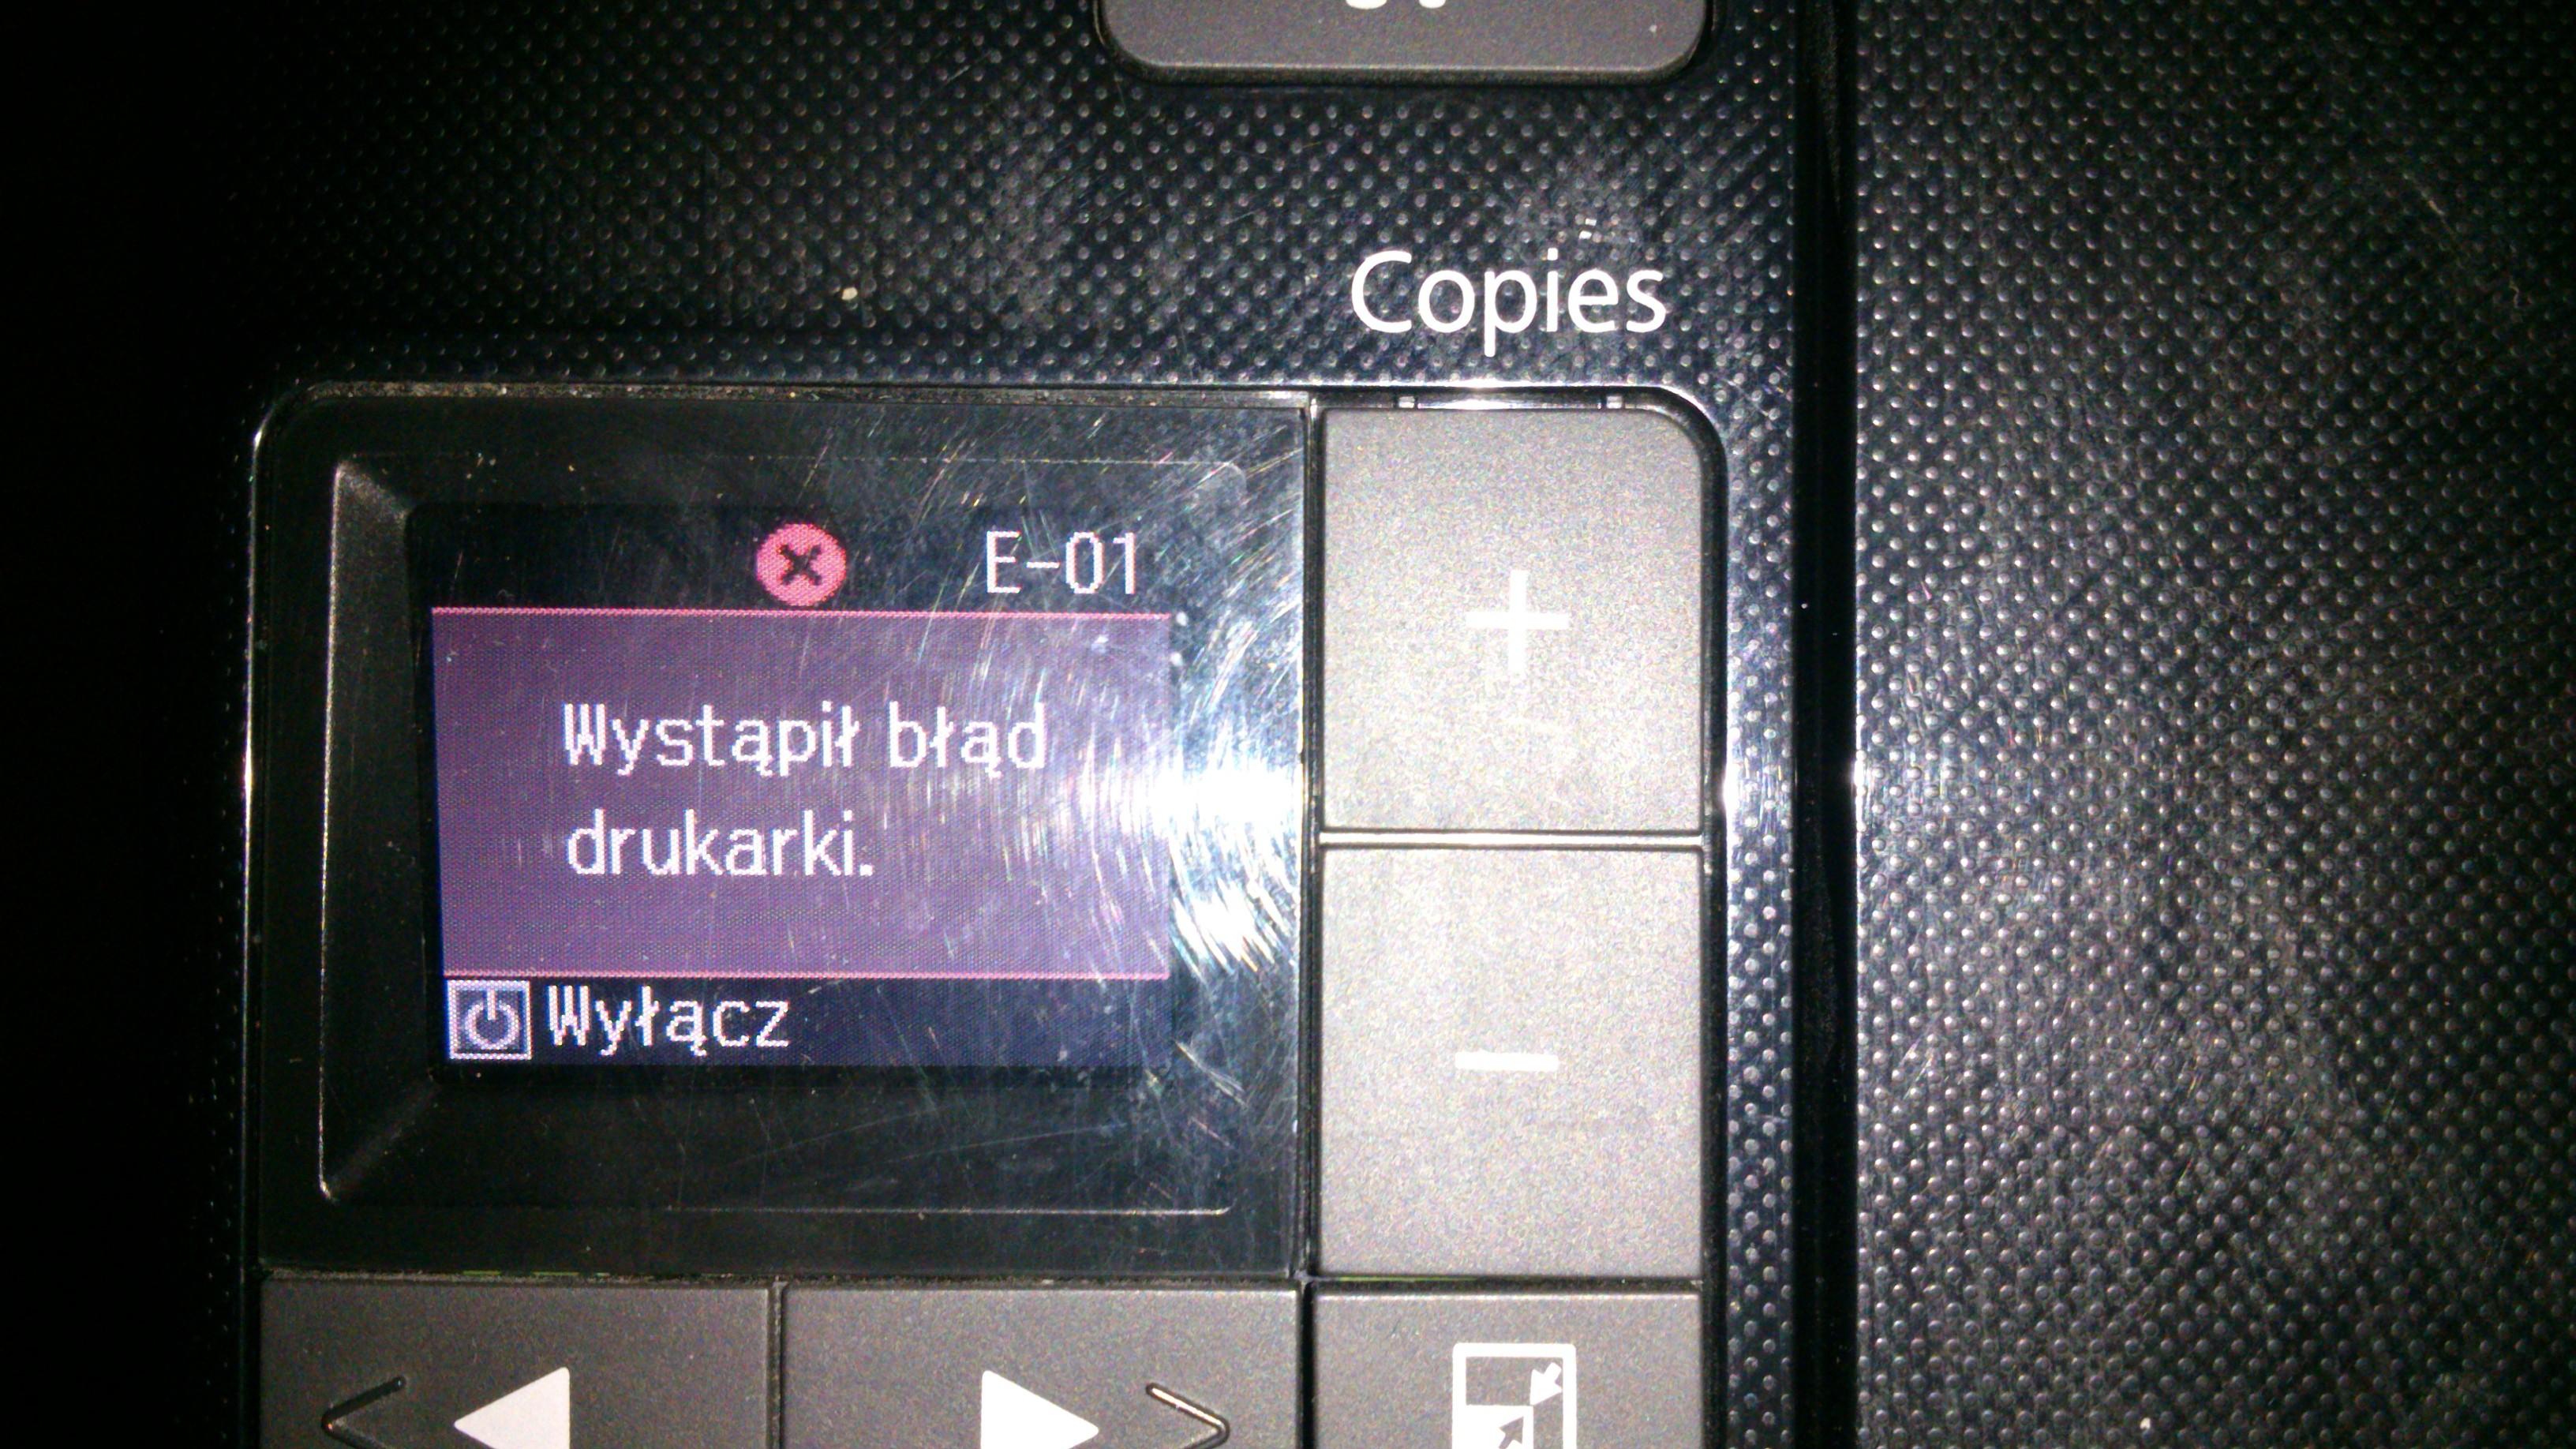 EPSON Stylus SX425 W - B��d drukarki E-01